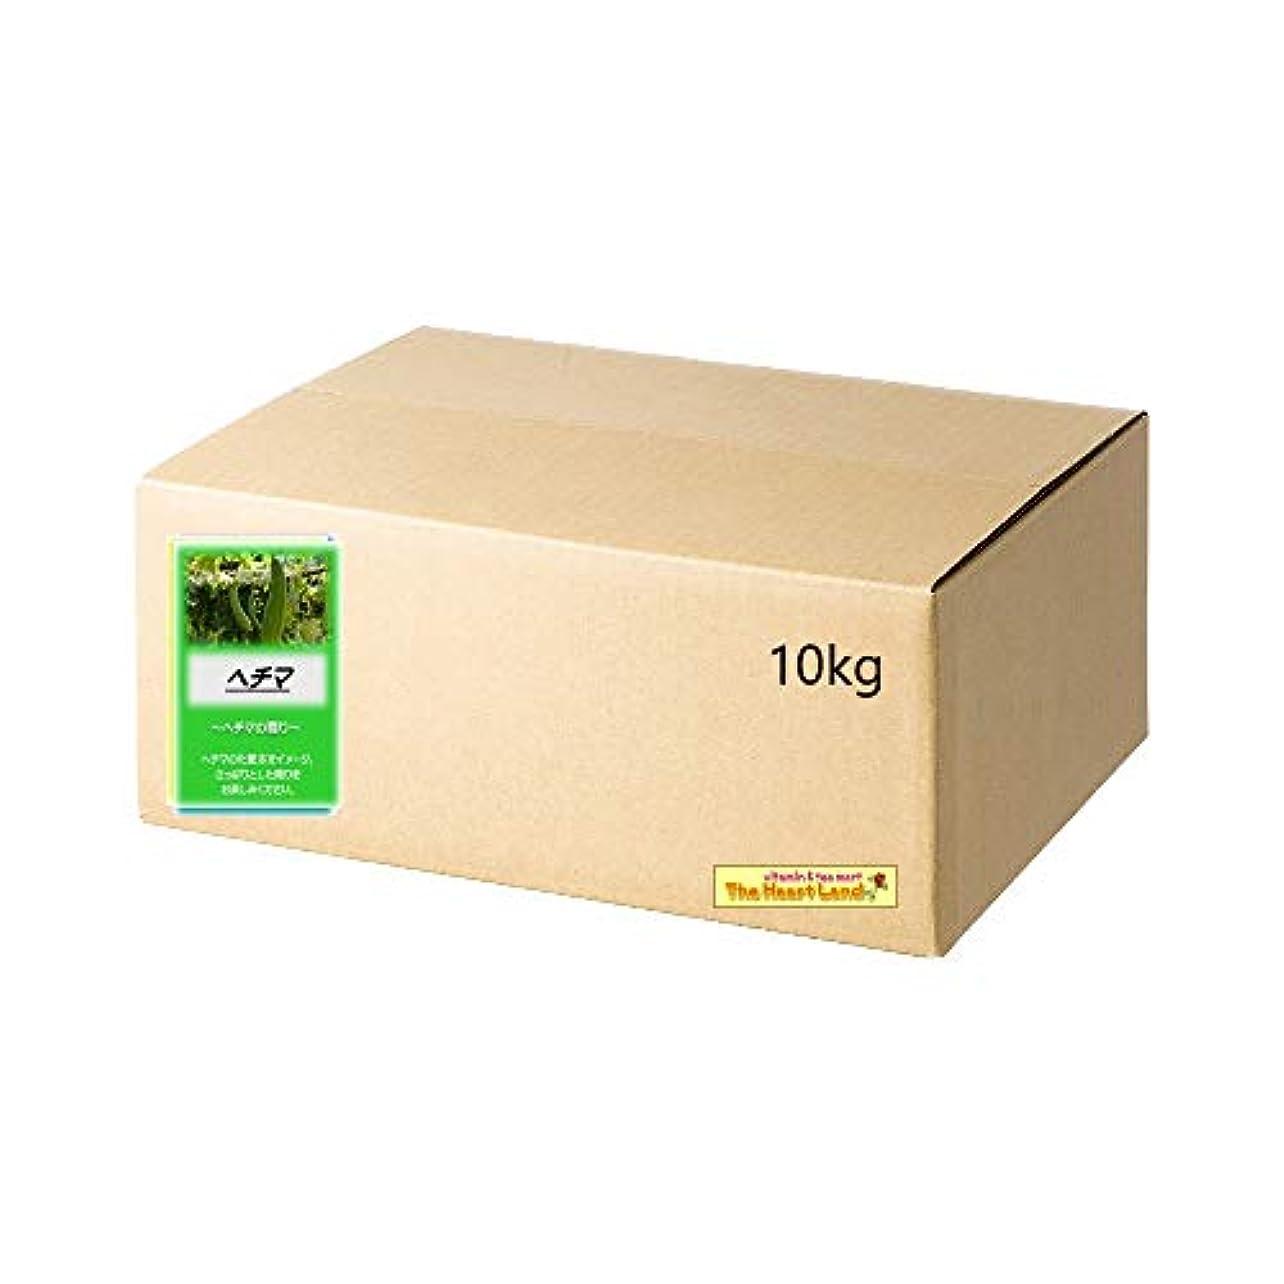 クックレイアウトトランザクションアサヒ入浴剤 浴用入浴化粧品 ヘチマ 10kg